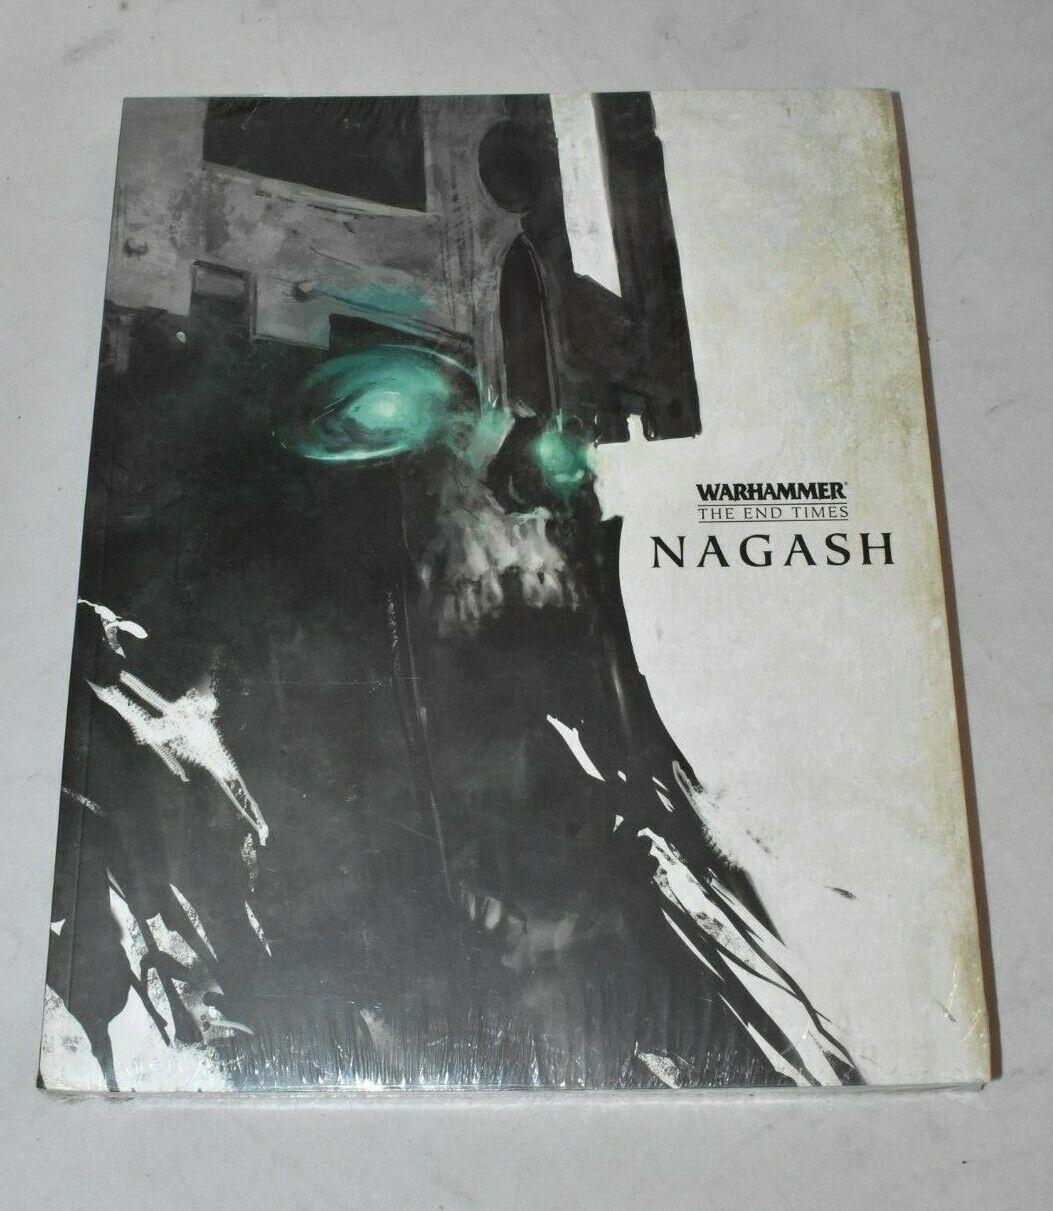 Nuevo Warhammer el final de los tiempos-libro Nagash volumen 1 y 2 Sellado del libro en rústica